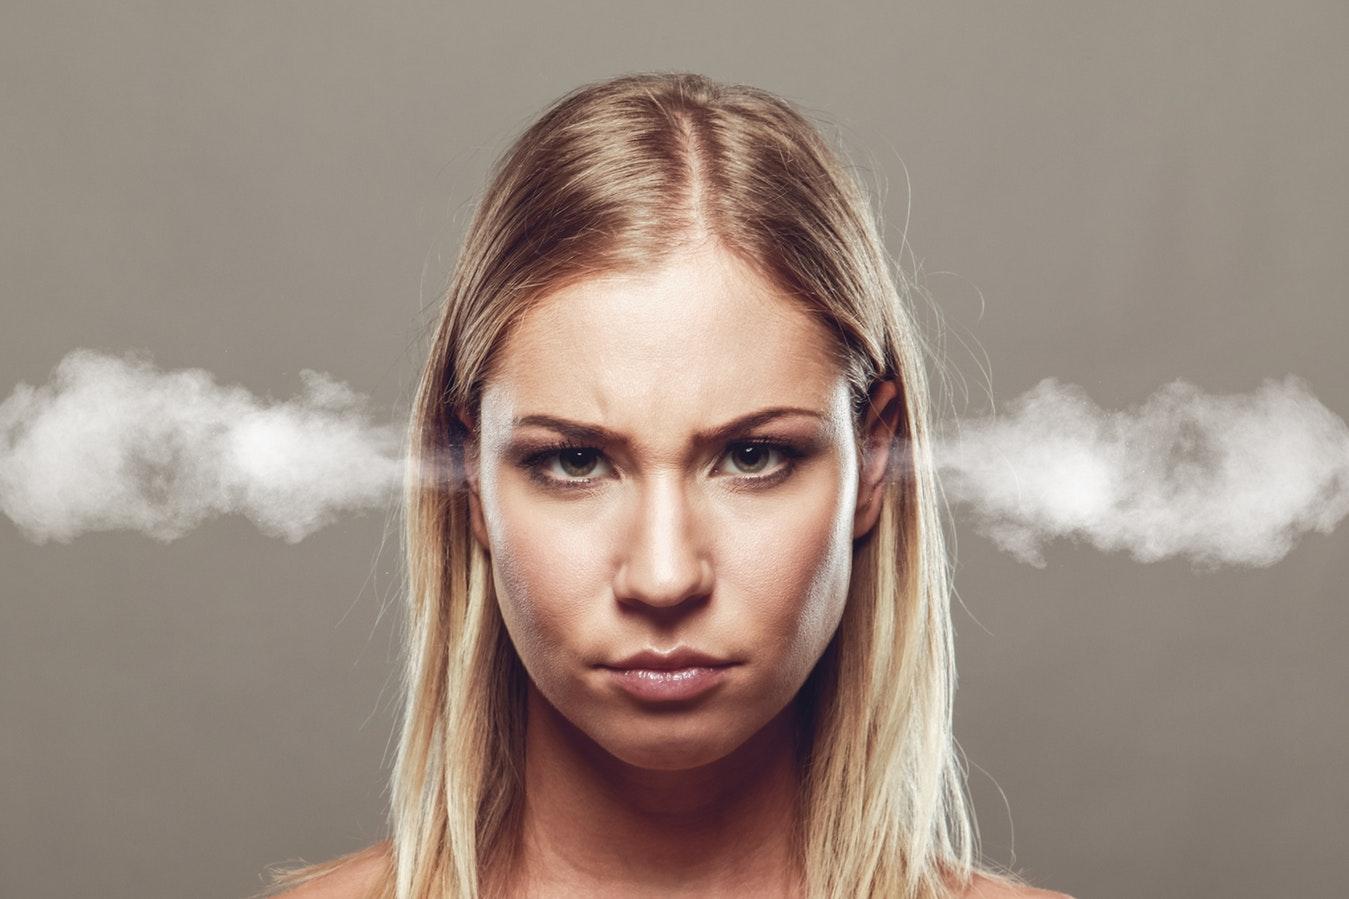 cotton bud berbahaya untuk bersihkan telinga